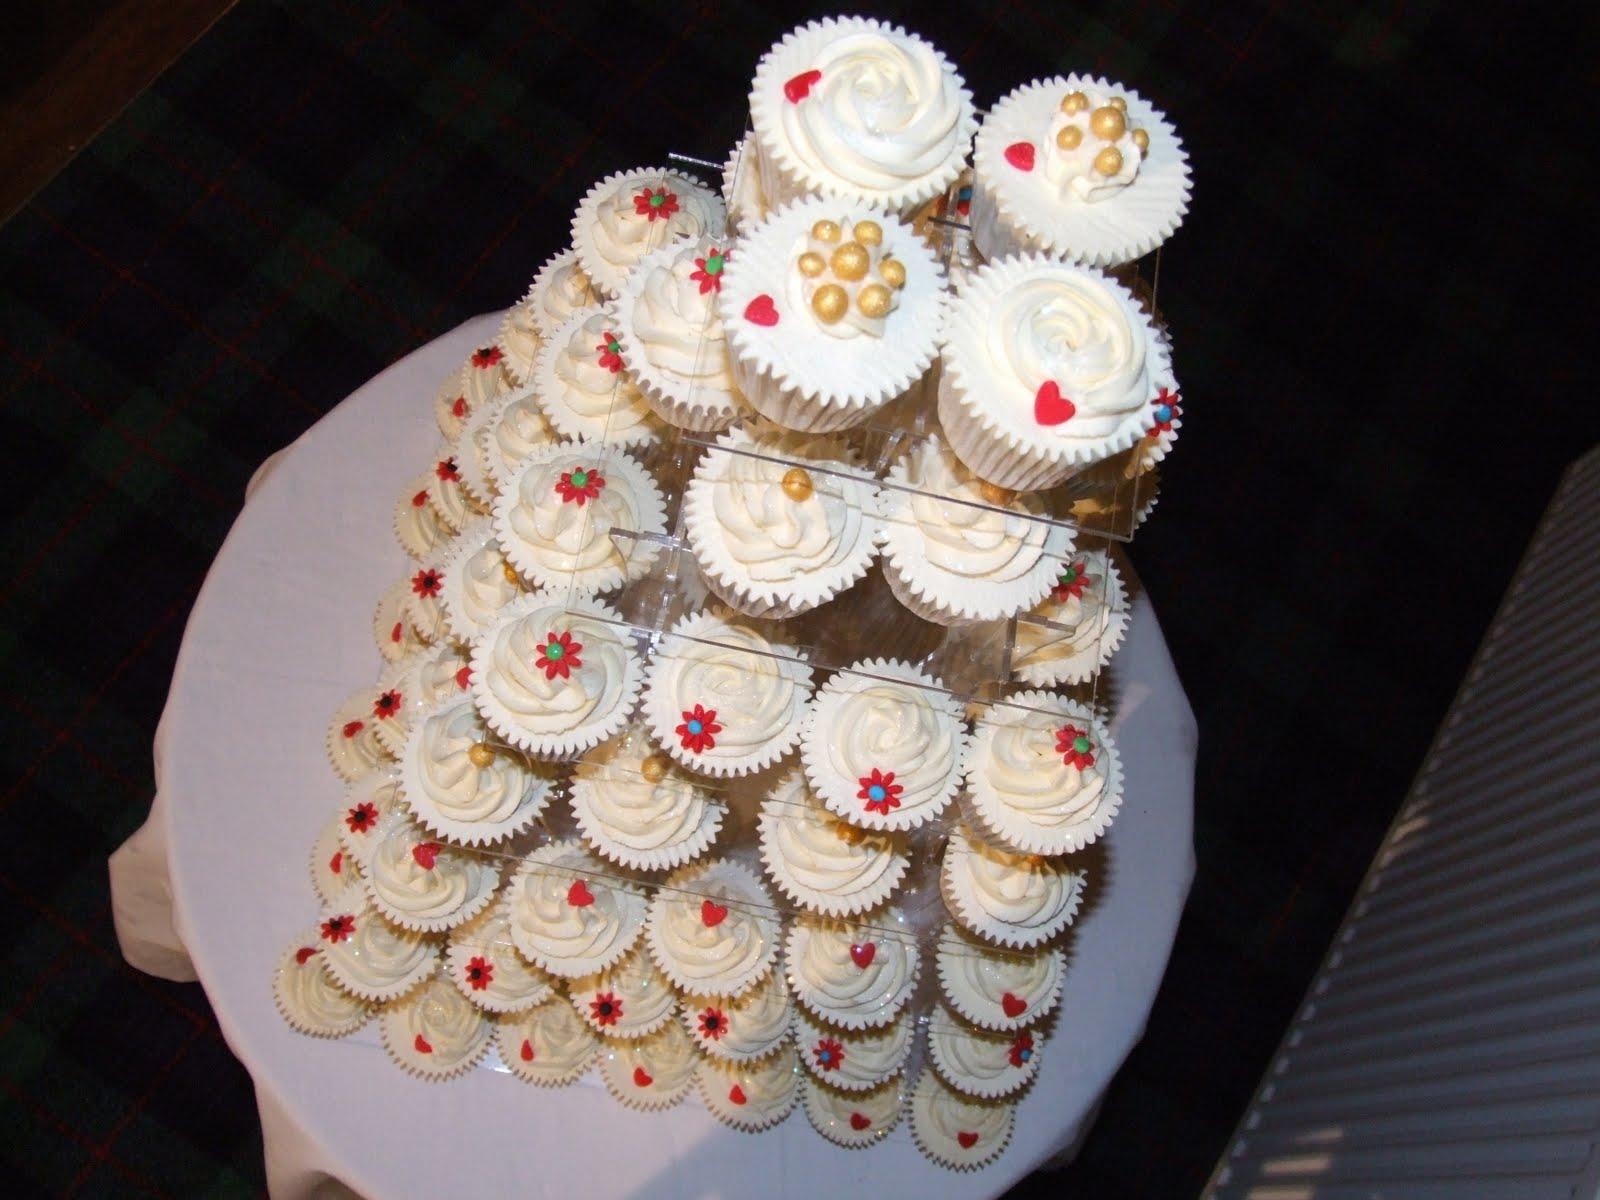 2012 Wedding Cakes Trends